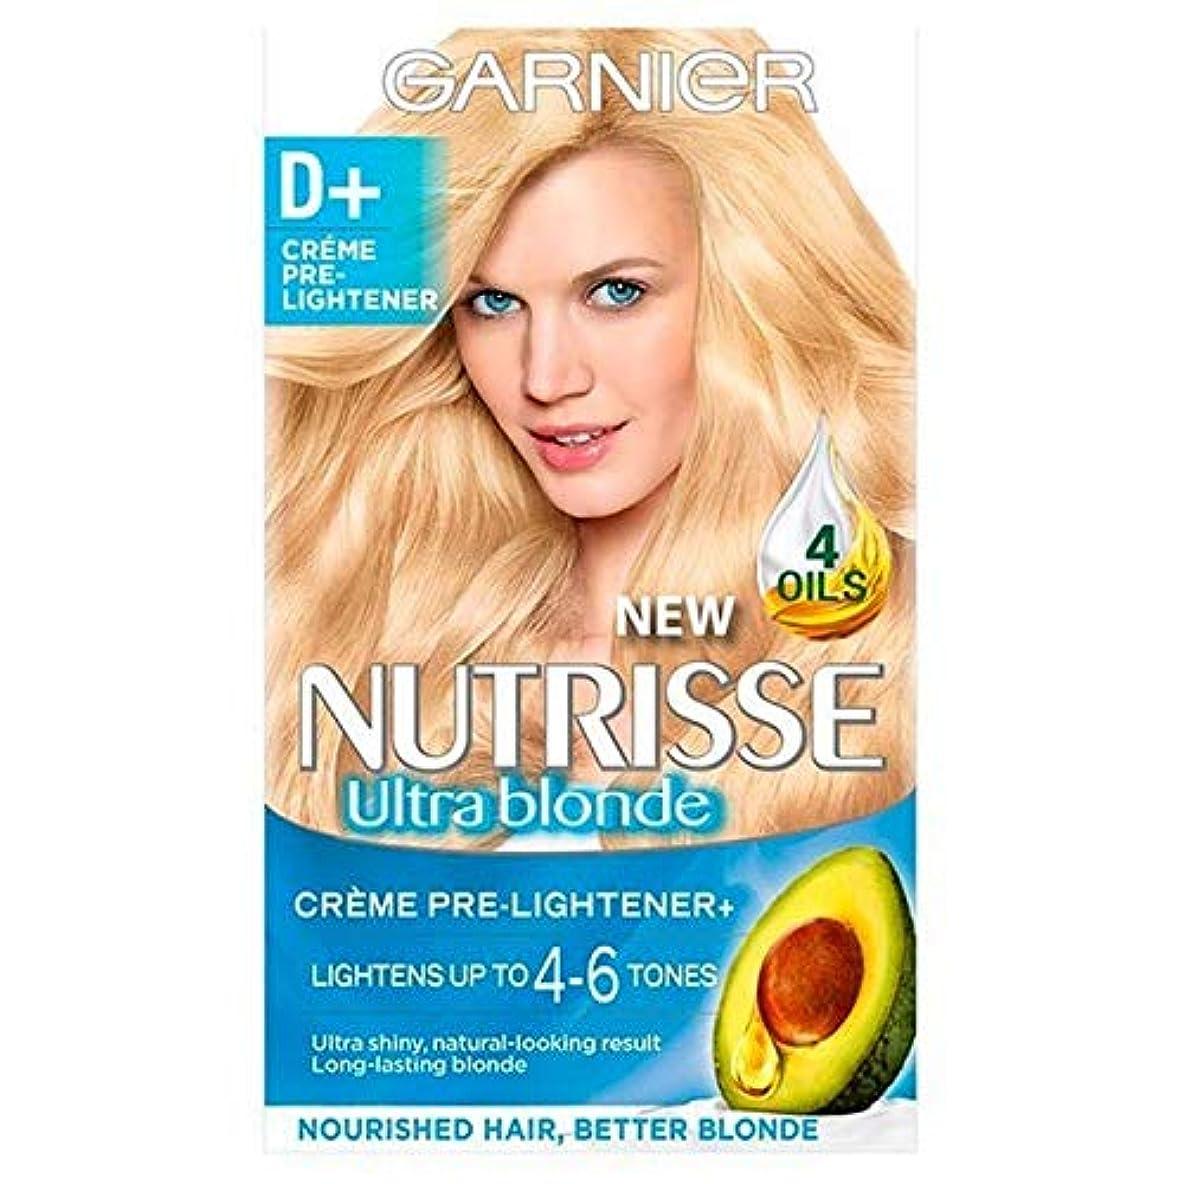 忍耐メールを書く竜巻[Garnier ] ガルニエのNutrisseさD +漂白前ライトナーパーマネントヘアダイ - Garnier Nutrisse D+ Bleach Pre-lightener Permanent Hair Dye [並行輸入品]